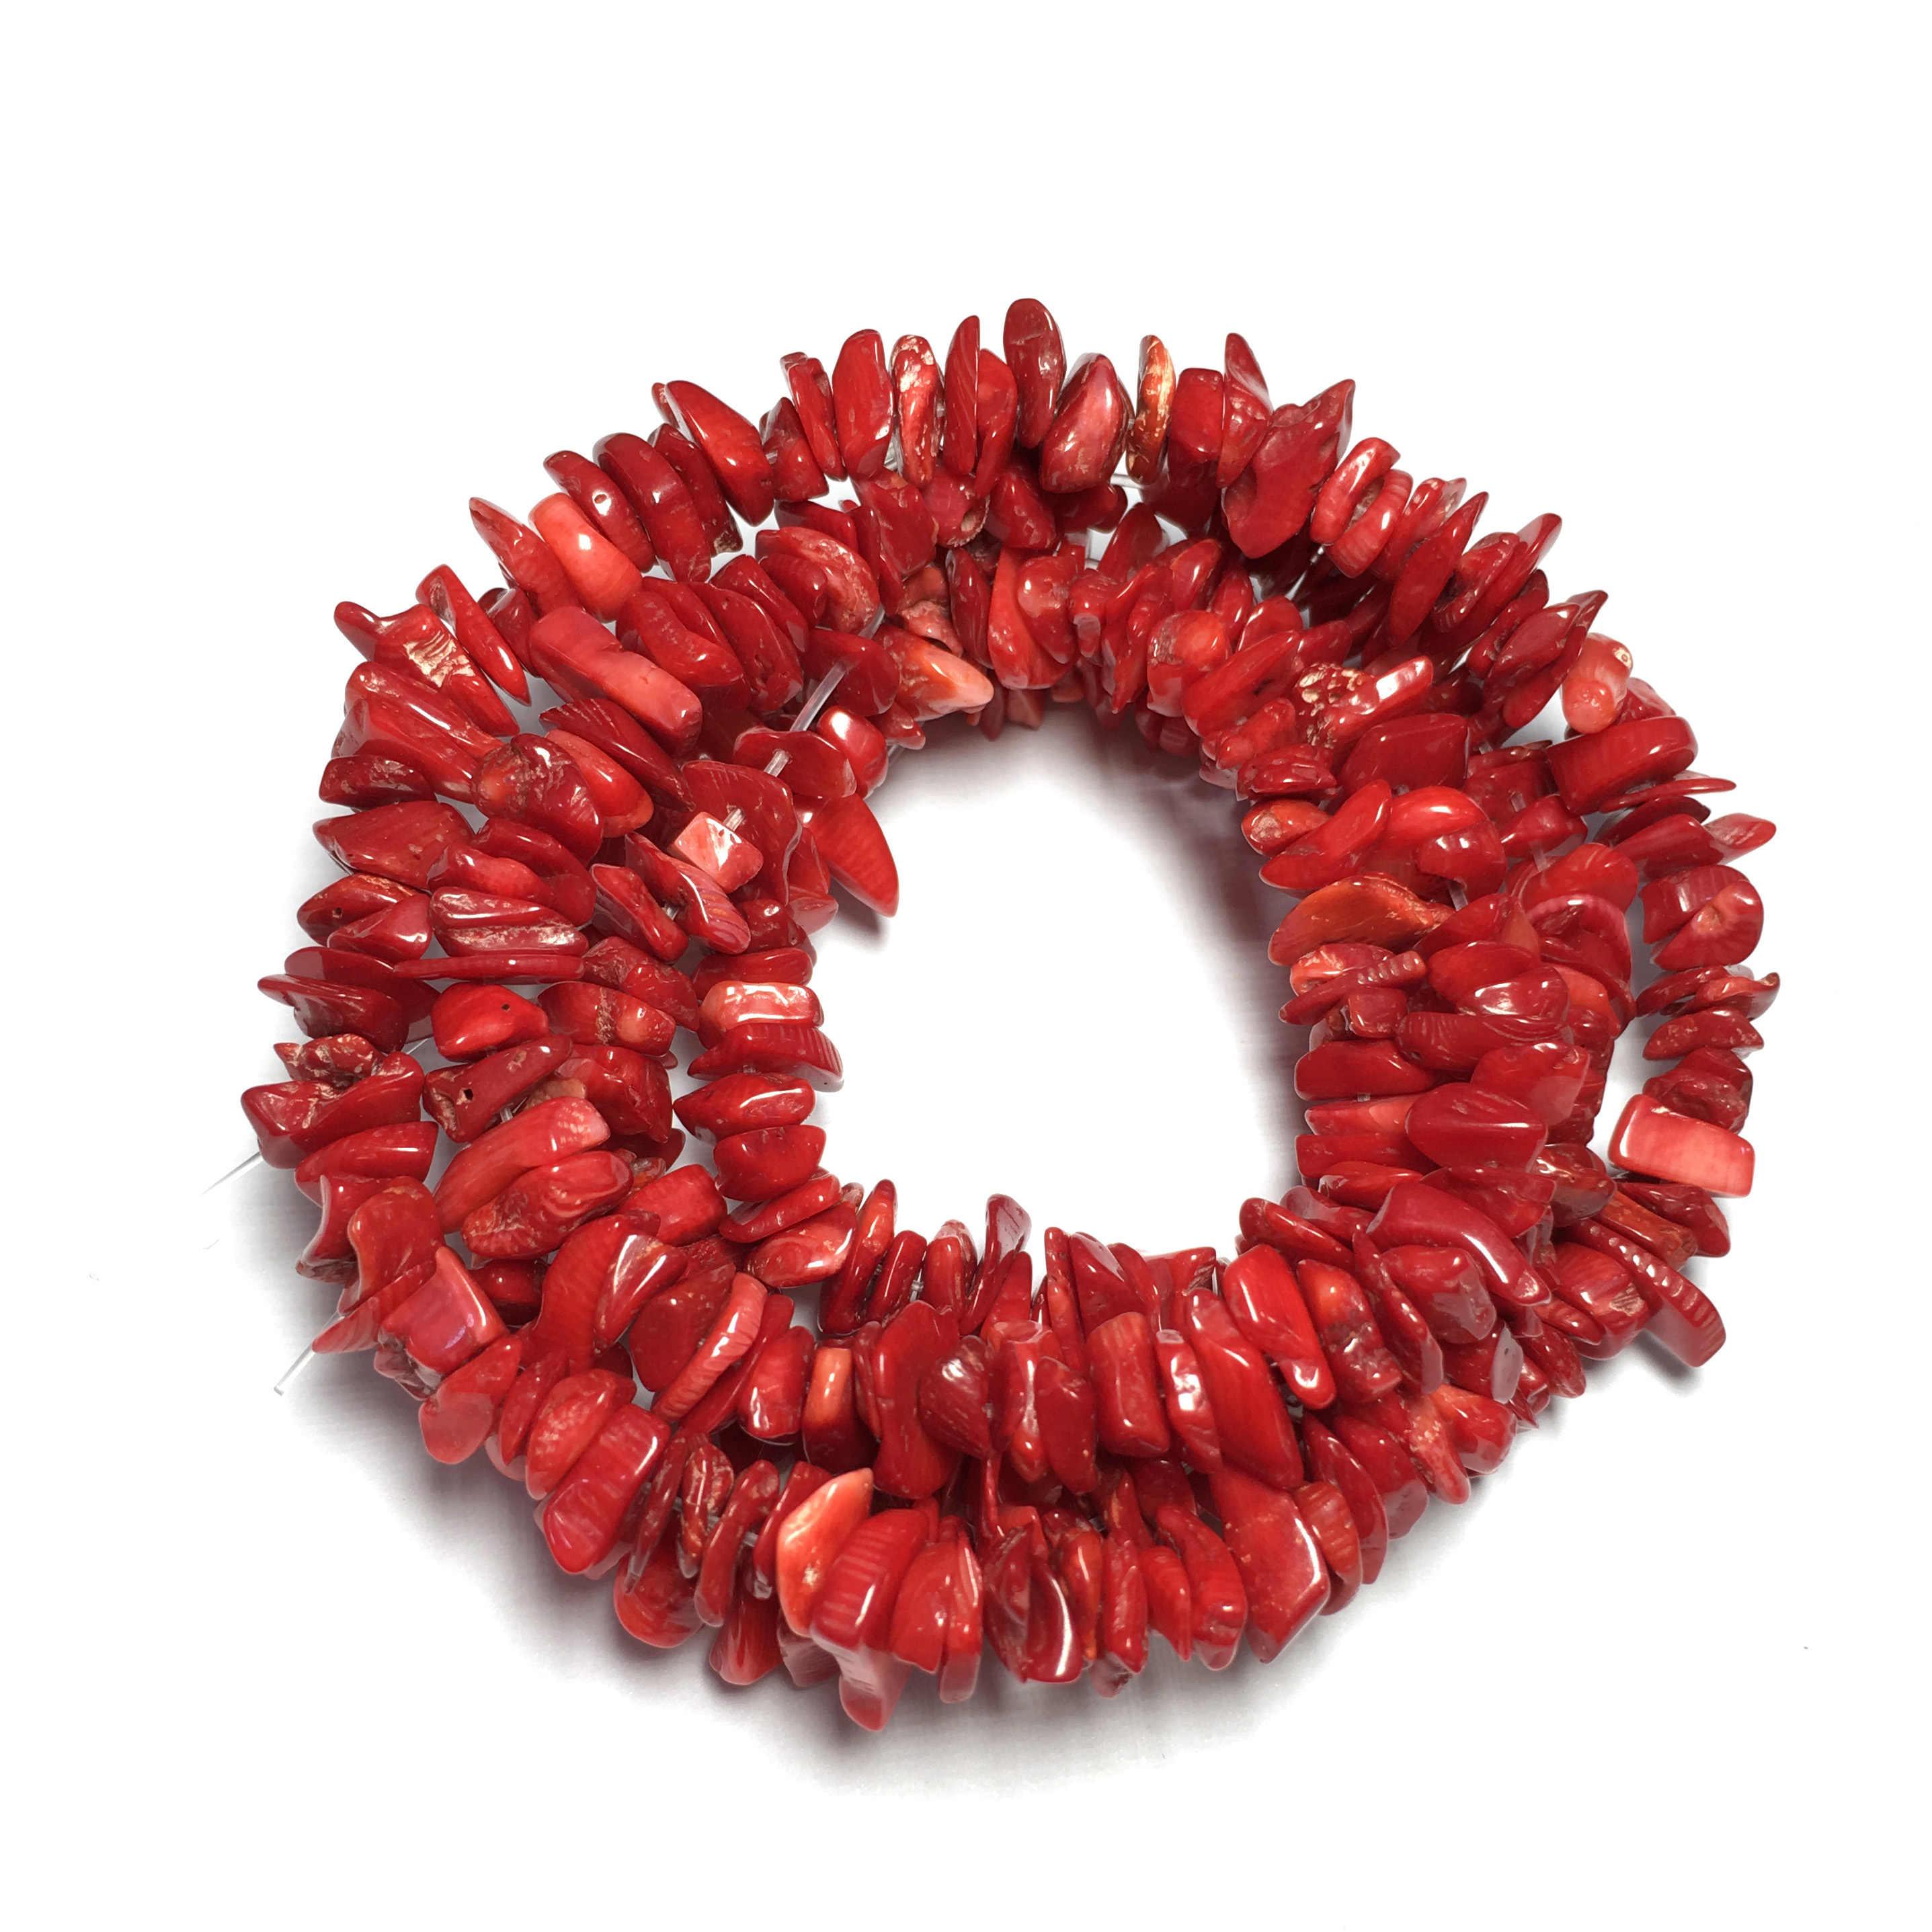 Натуральный камень коралловые бусины гравийная форма свободные бусины Изоляционные Бусины для самостоятельного изготовления ювелирных изделий для браслета ожерелье аксессуары